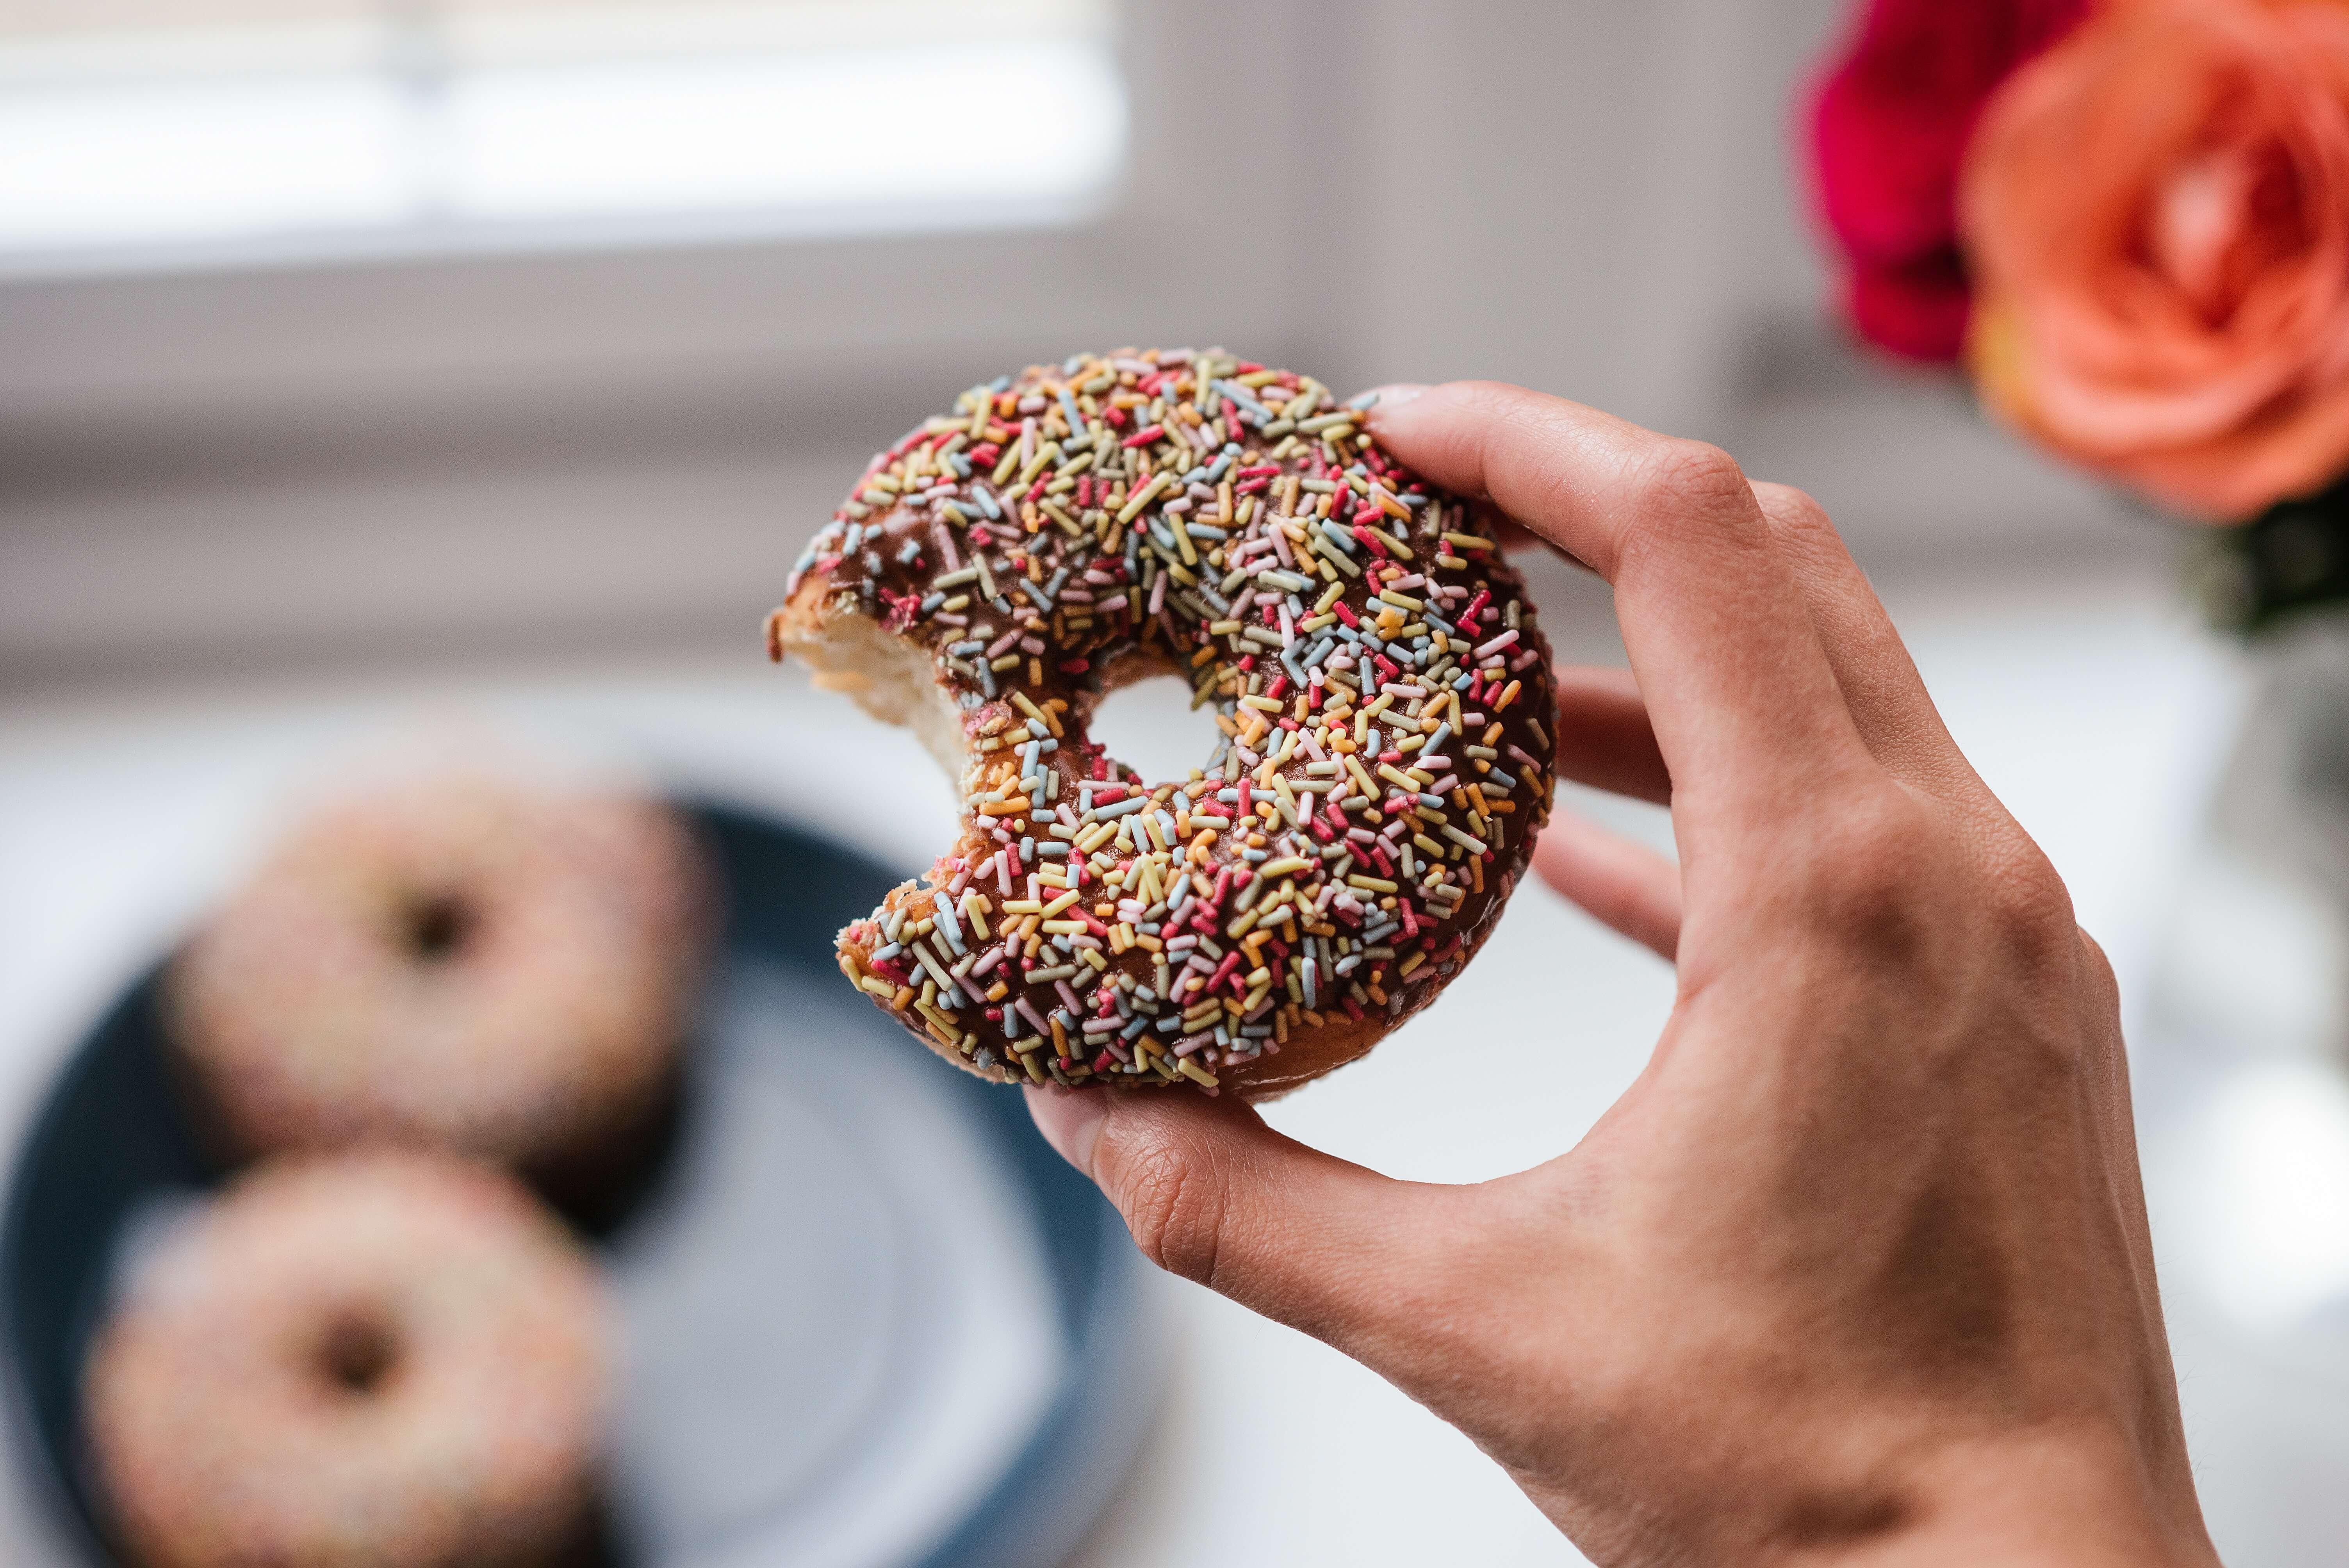 3 Tipps gegen Heißhunger, die sofort und effektiv helfen